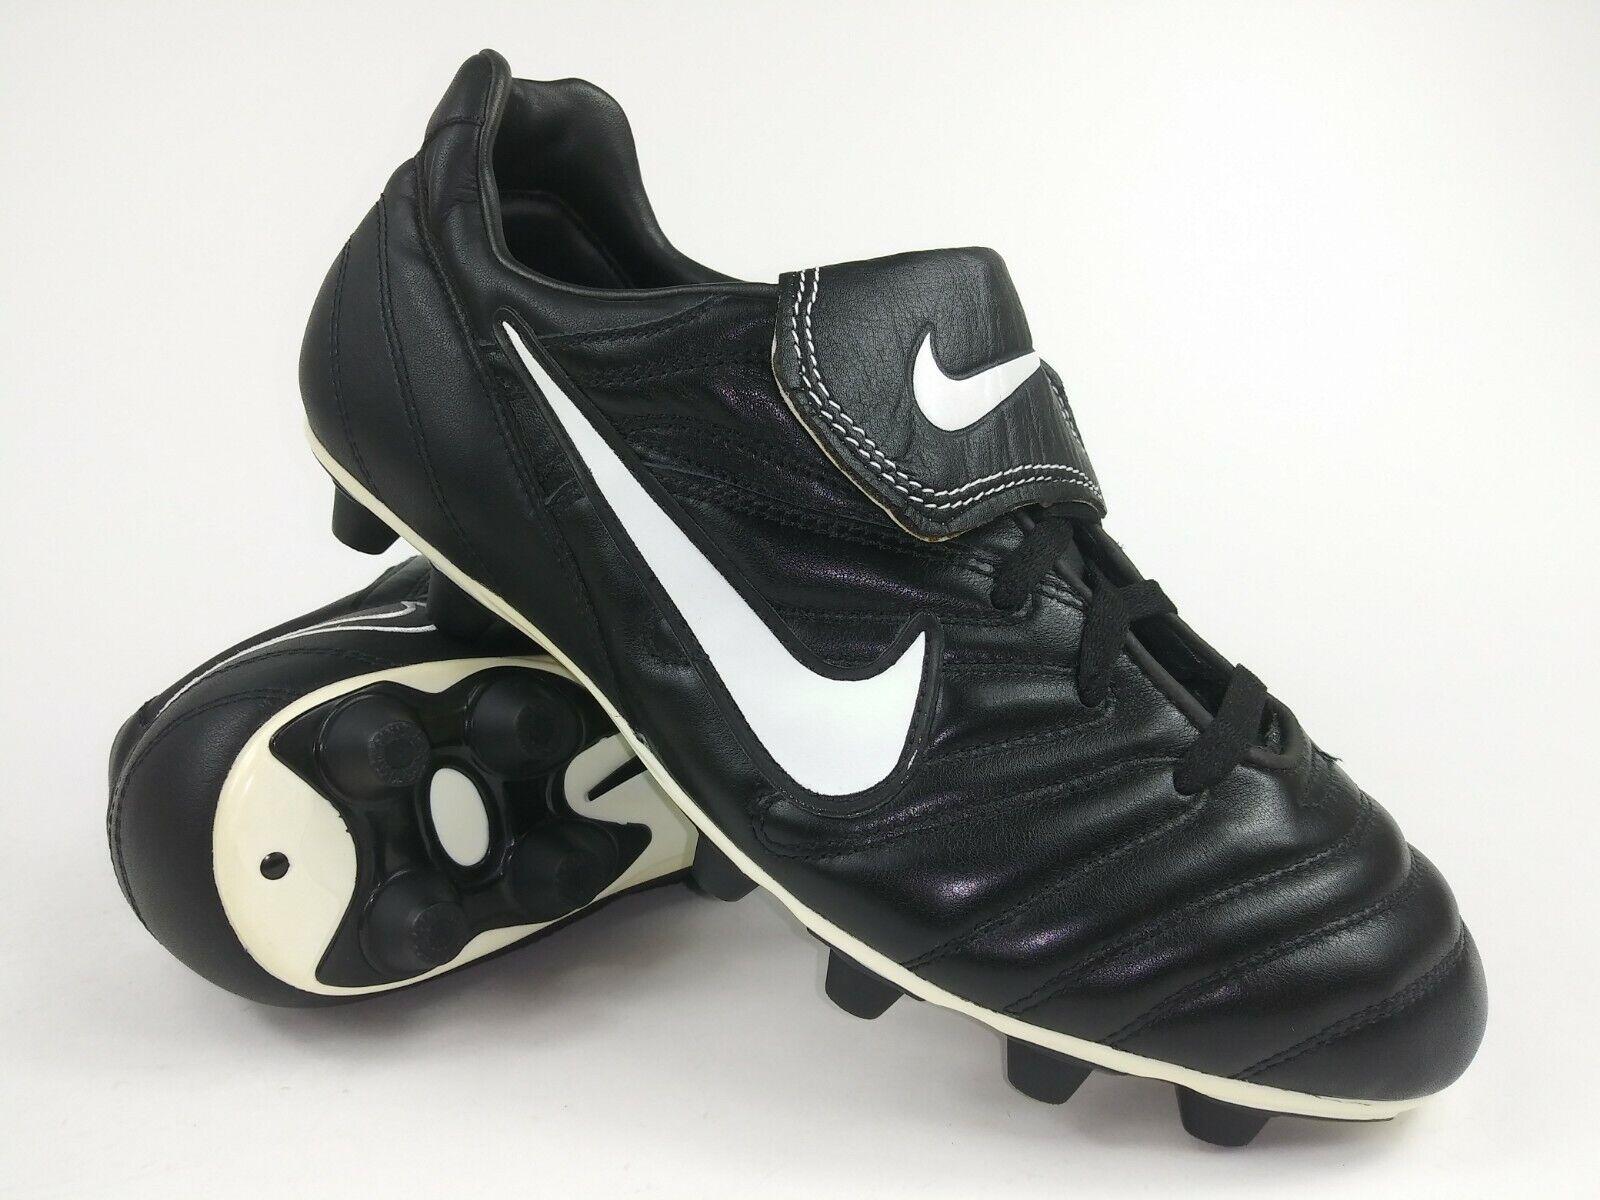 Nike Hombre Raro Tiempo 2000 Fg 117223 011 Negro blancoo Fútbol Tacos botas de